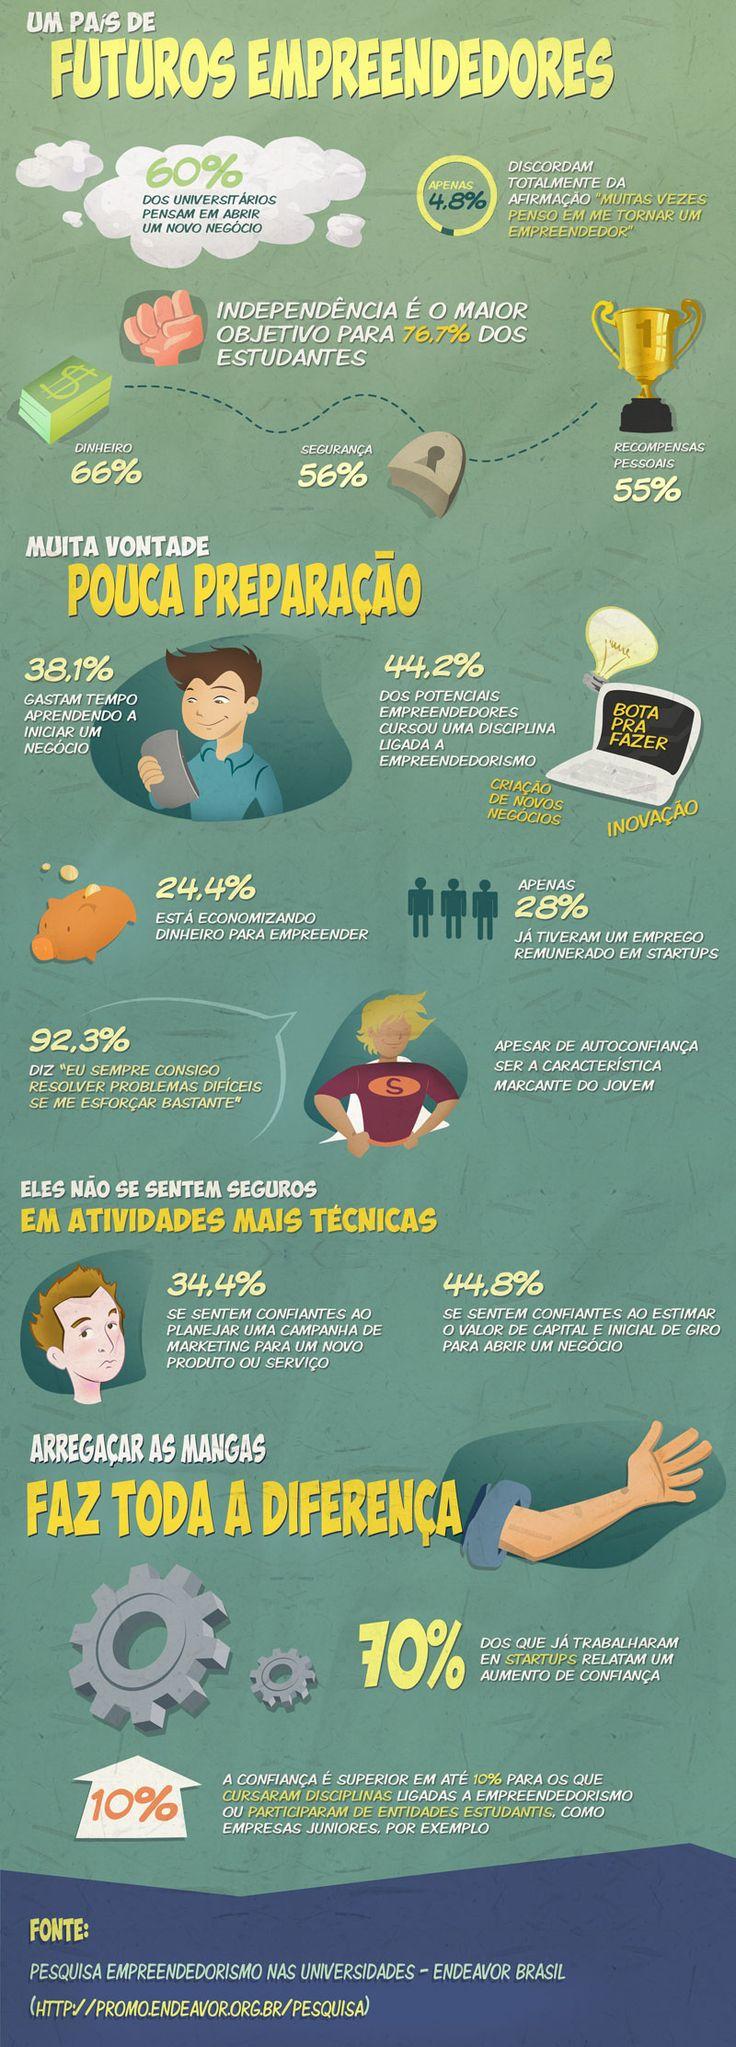 Infográfico: um país de futuros empreendedores